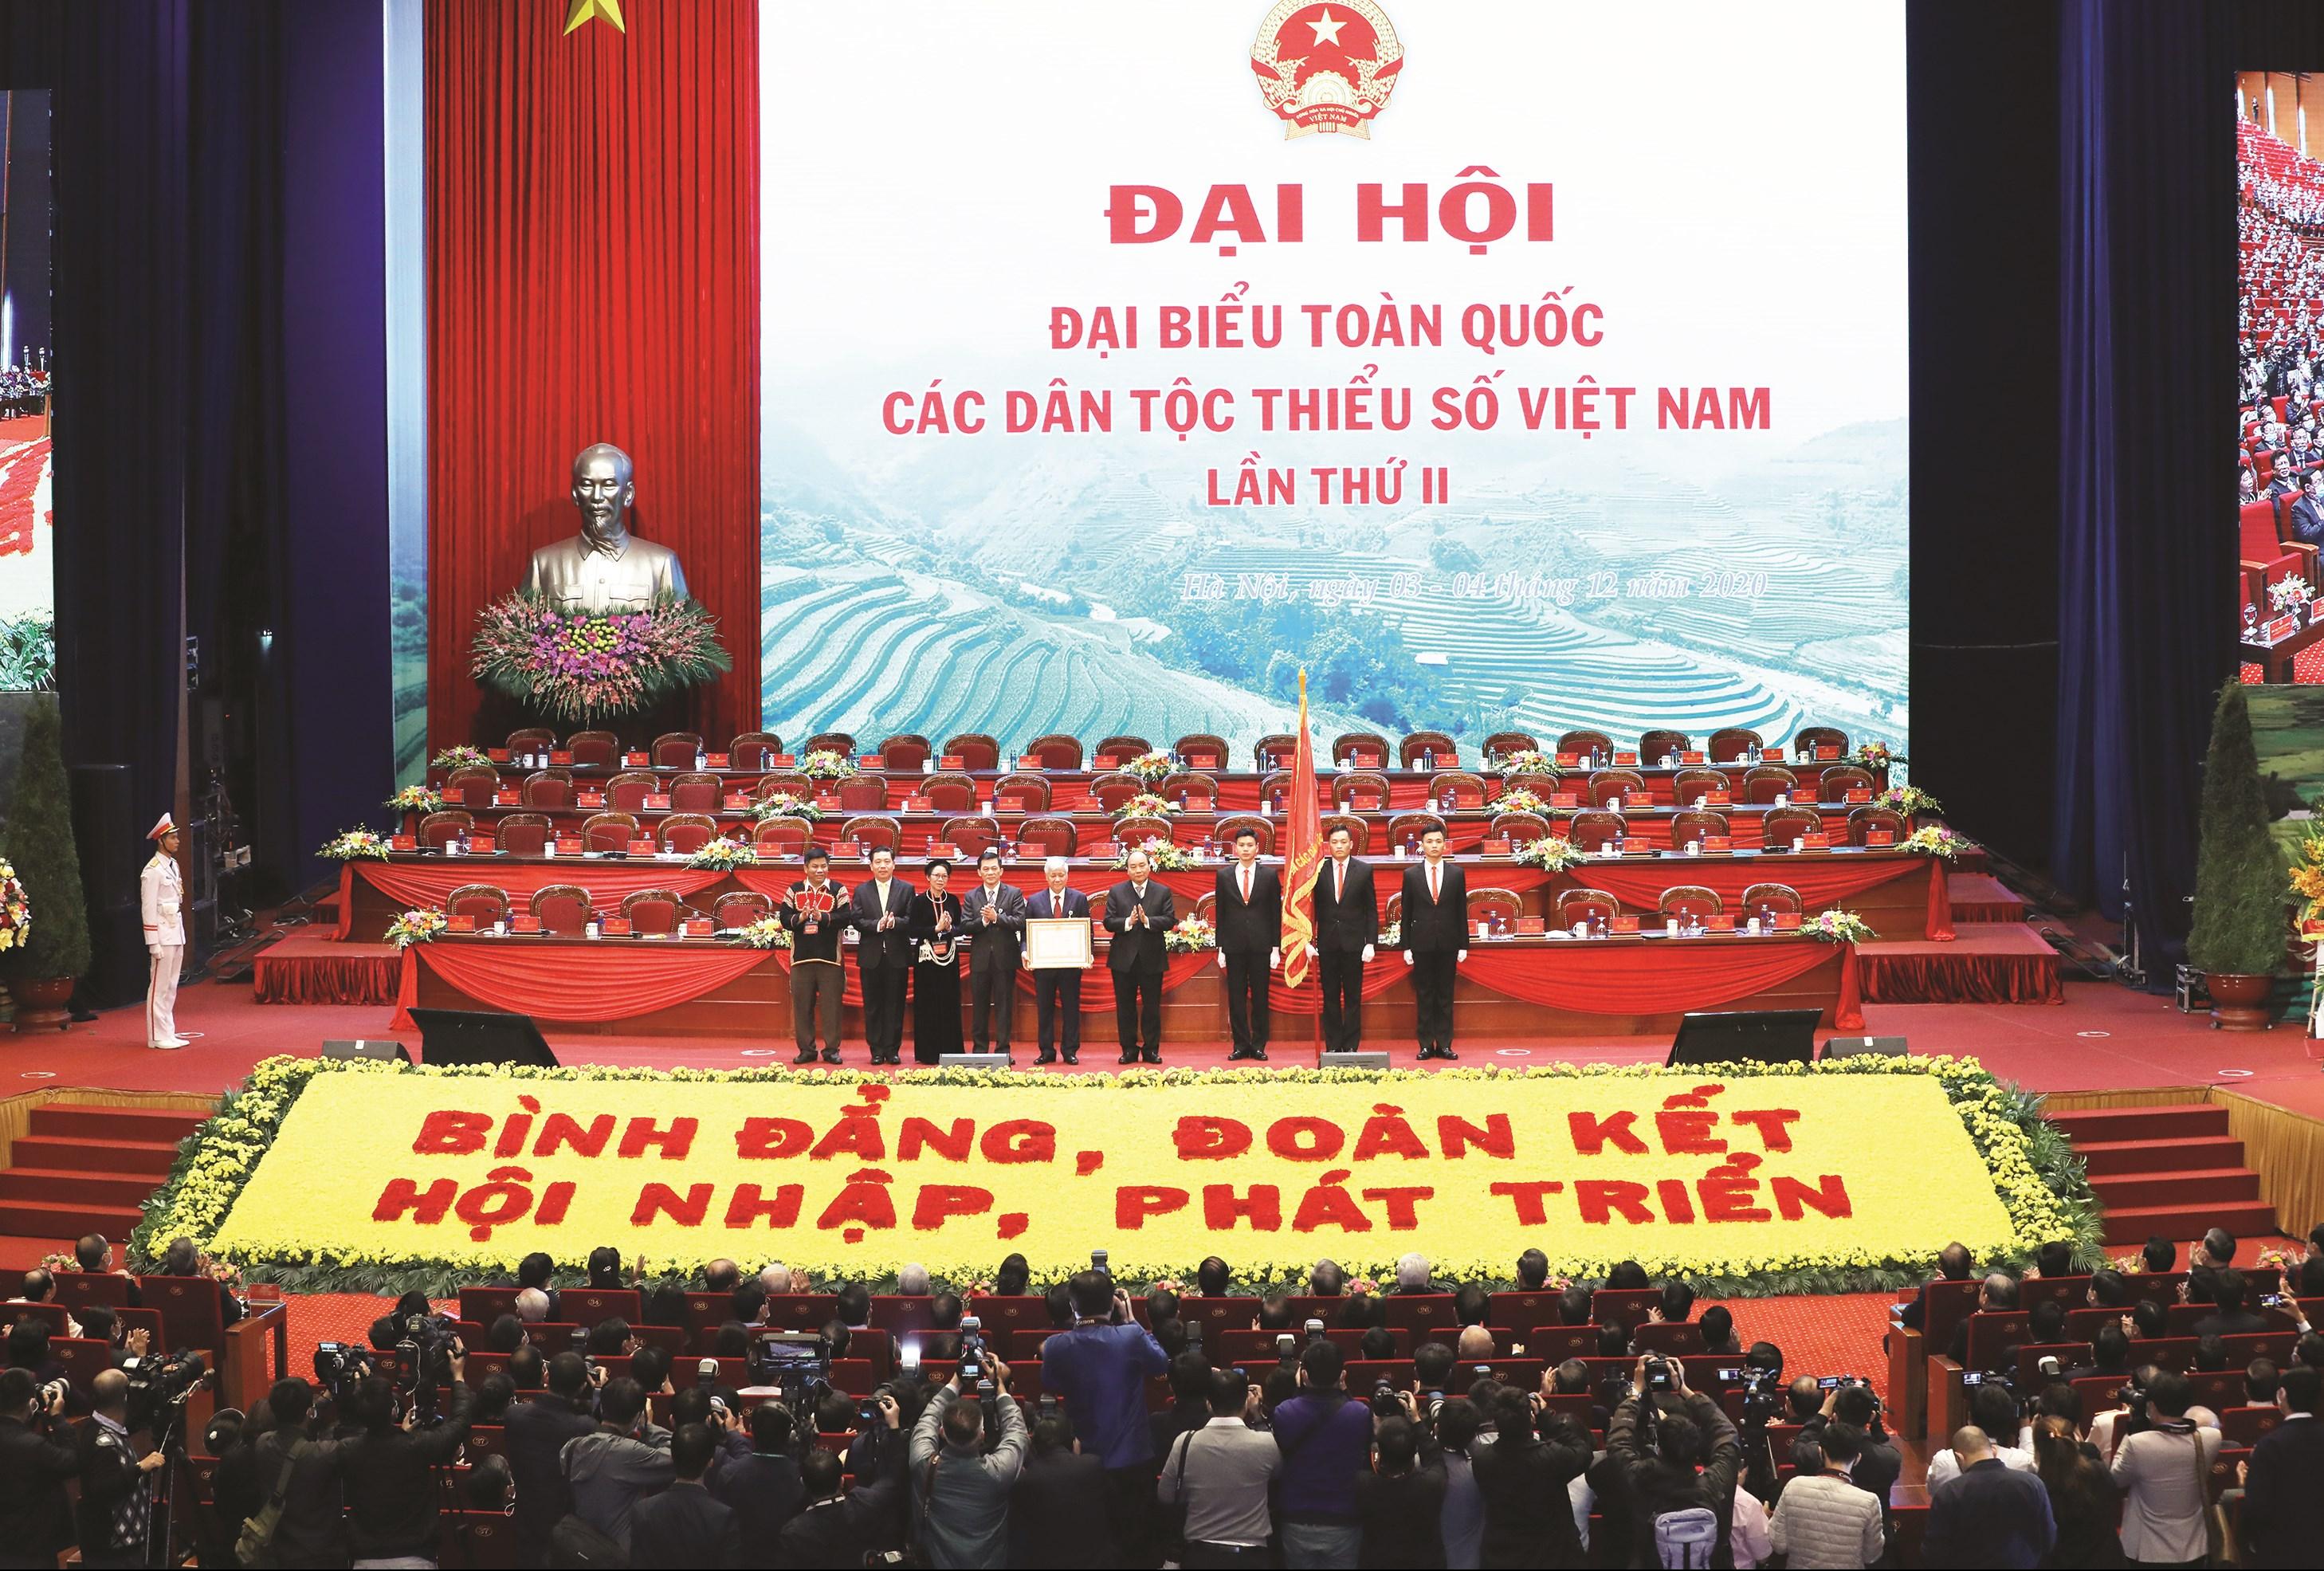 Đại hội Đại biểu toàn quốc các DTTS Việt Nam lần thứ II năm 2020 là một biểu tượng đặc biệt về khối đại đoàn kết các dân tộc.